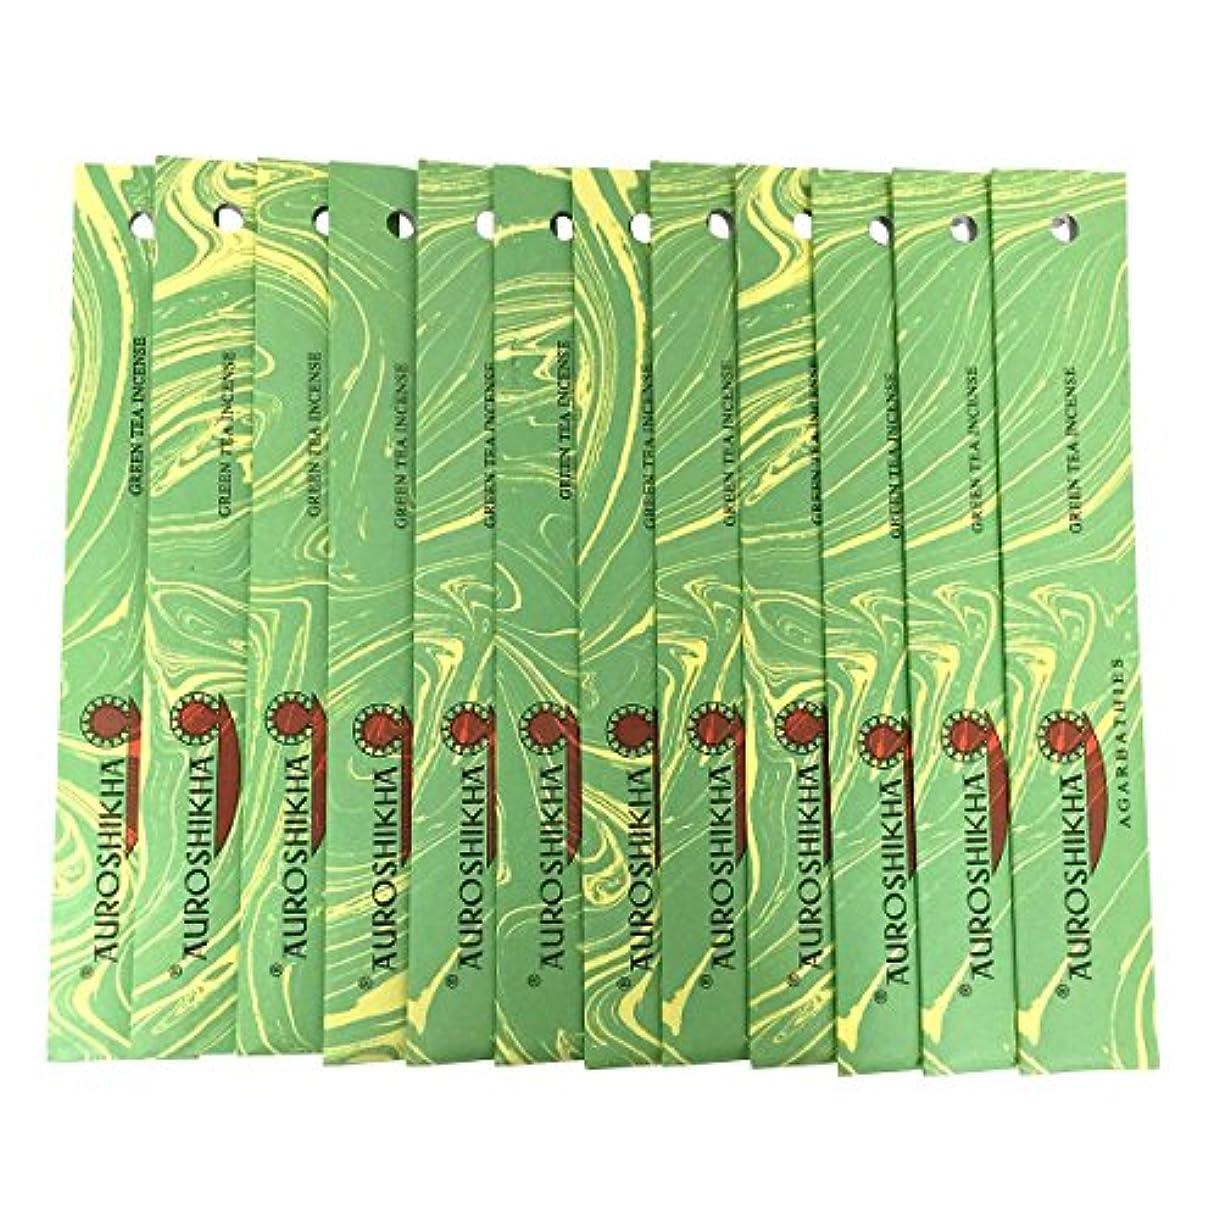 畝間前売裏切るAUROSHIKHA オウロシカ(GREENTEAグリーンティー12個セット) マーブルパッケージスティック 送料無料